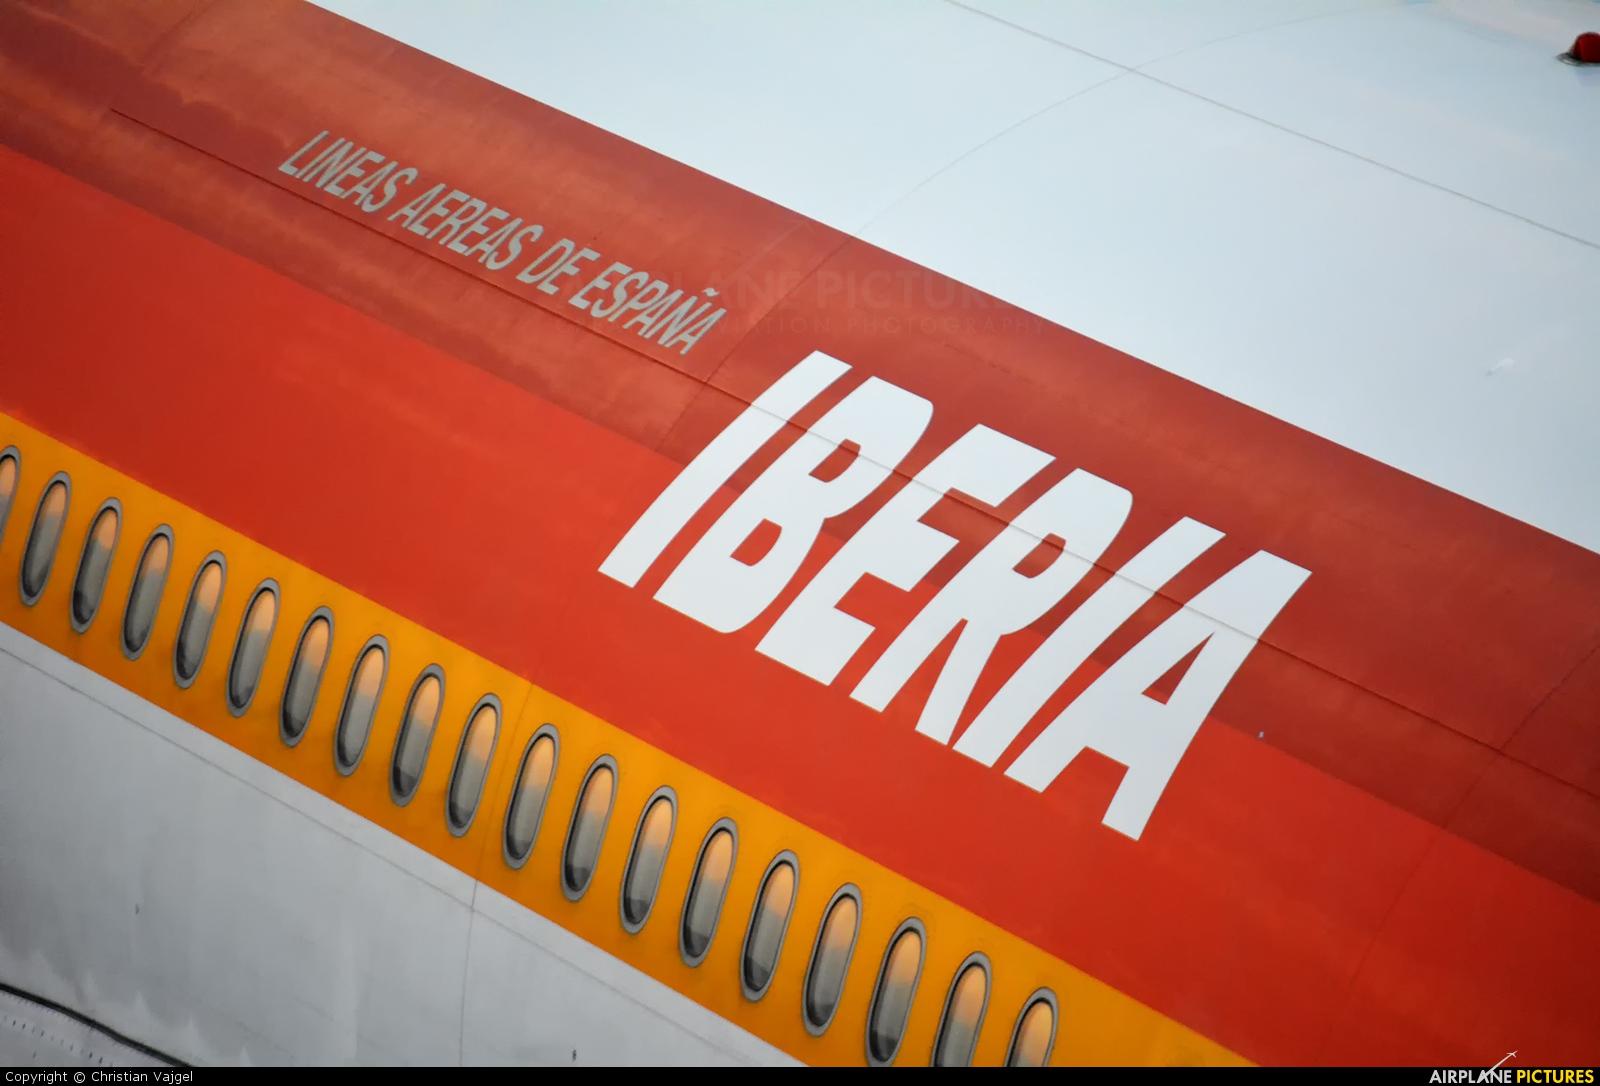 Iberia EC-GJT aircraft at Rio de Janeiro/Galeão Intl - Antonio Carlos Jobim